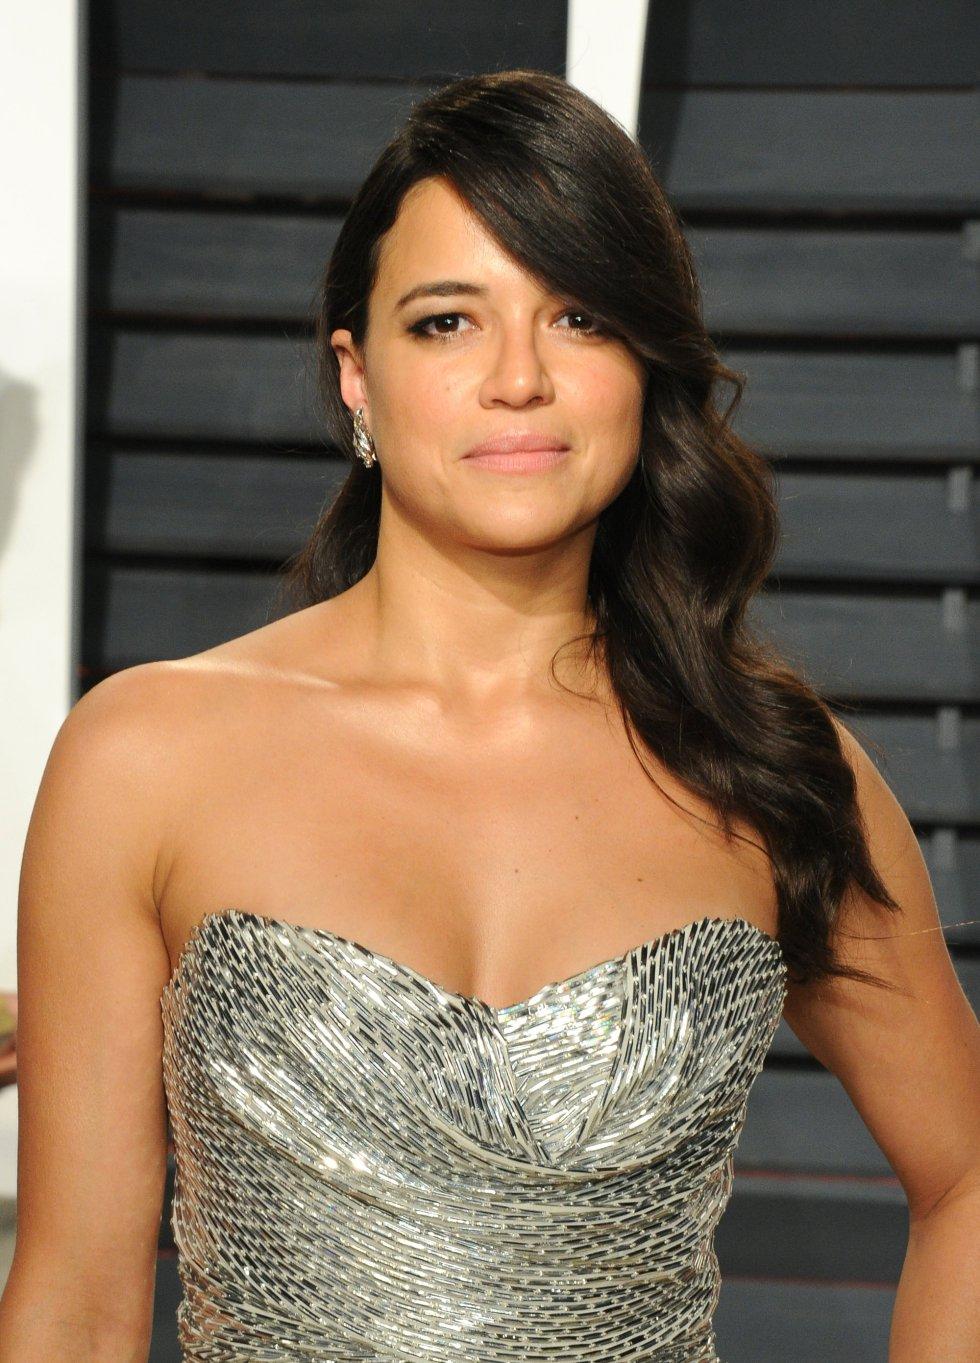 La actriz Michelle Rodriguez en la fiesta de Vanity Fair.